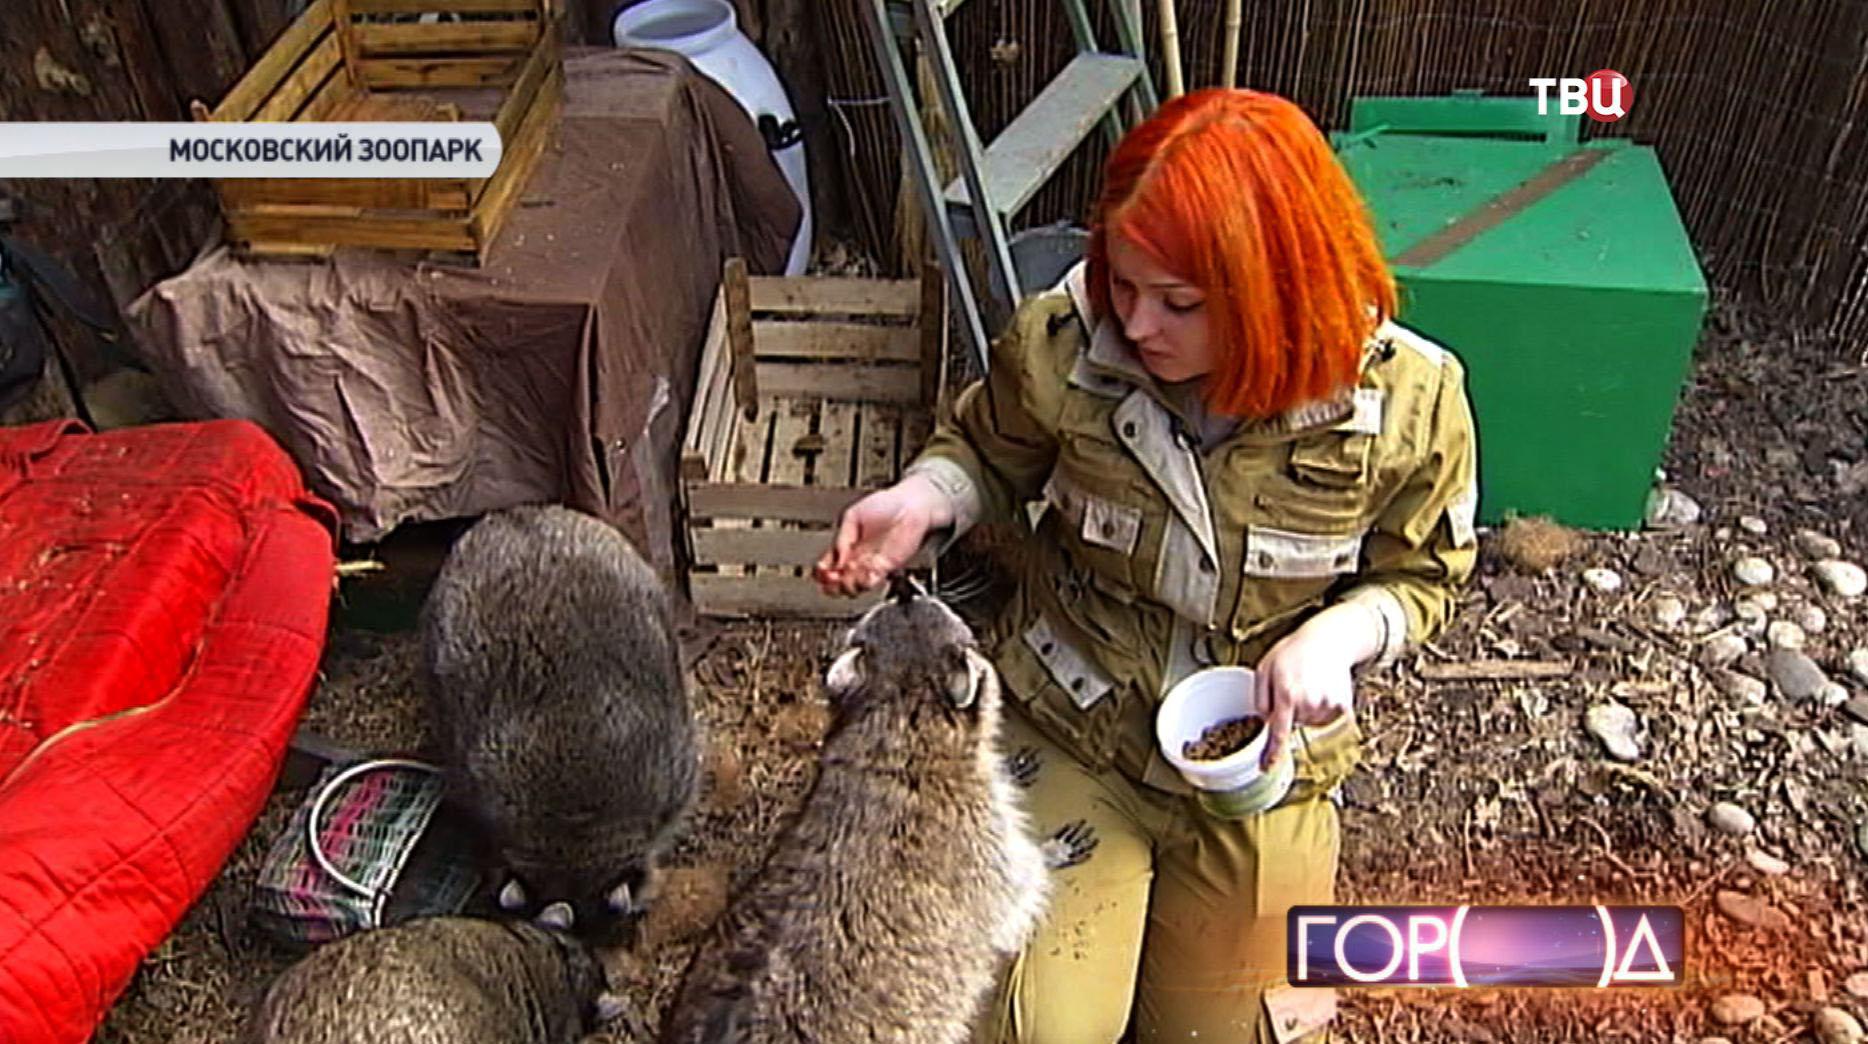 Кипер кормит енота в Московском зоопарке